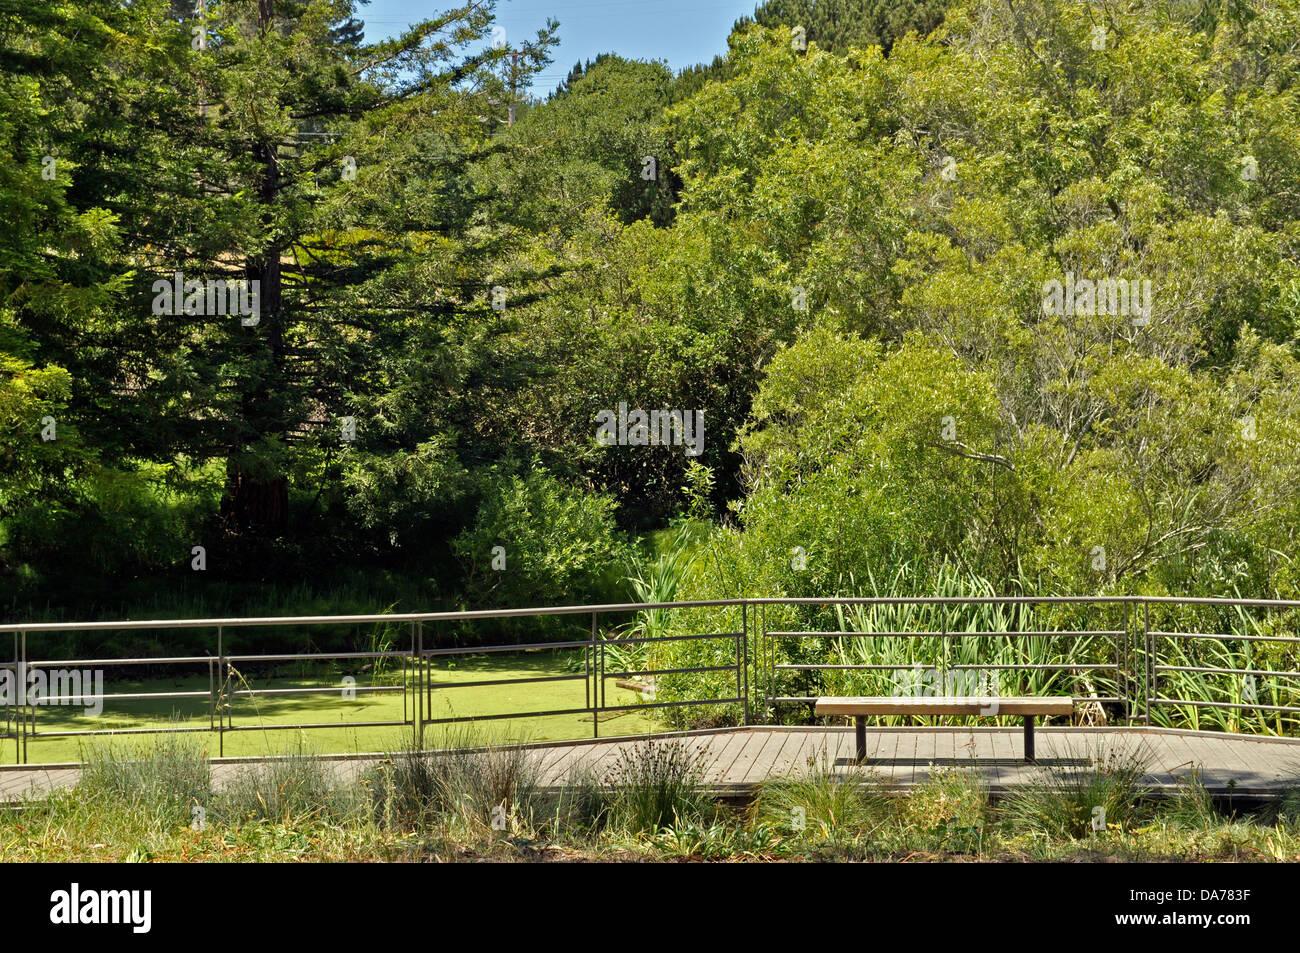 Área De Recursos Naturais Significativas Habitat, McLaren Park, San  Francisco, California, ESTADOS UNIDOS DA AMÉRICA